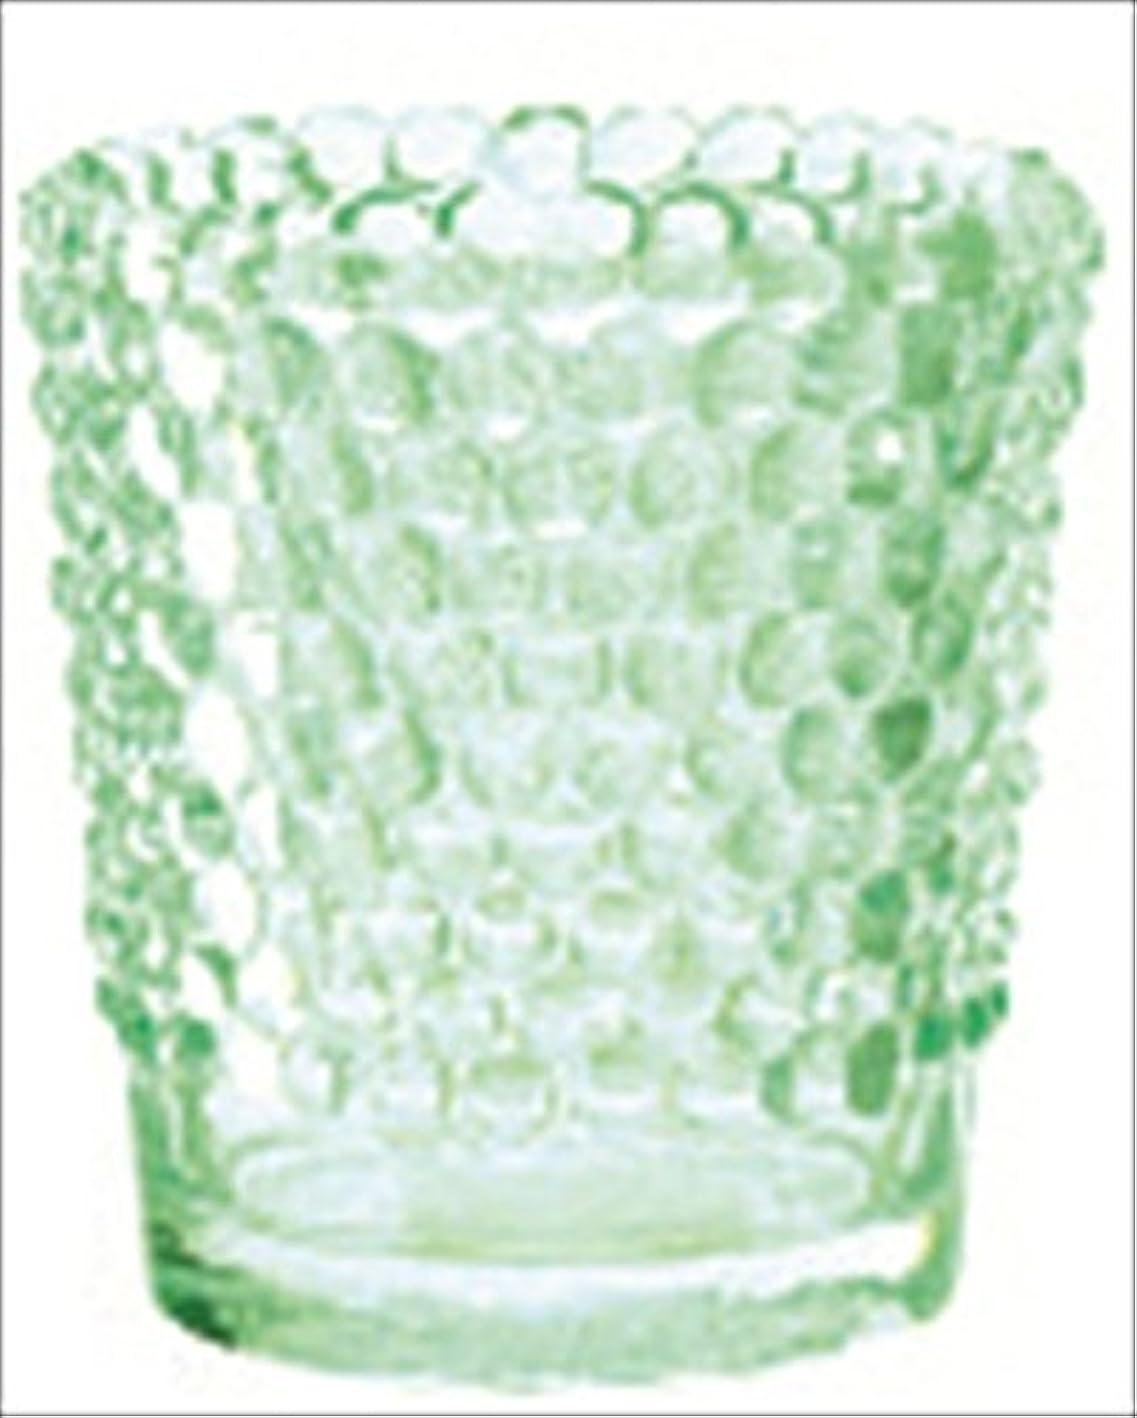 汚染されたアスリート勢いカメヤマキャンドル( kameyama candle ) ホビネルグラス 「 エメラルド 」